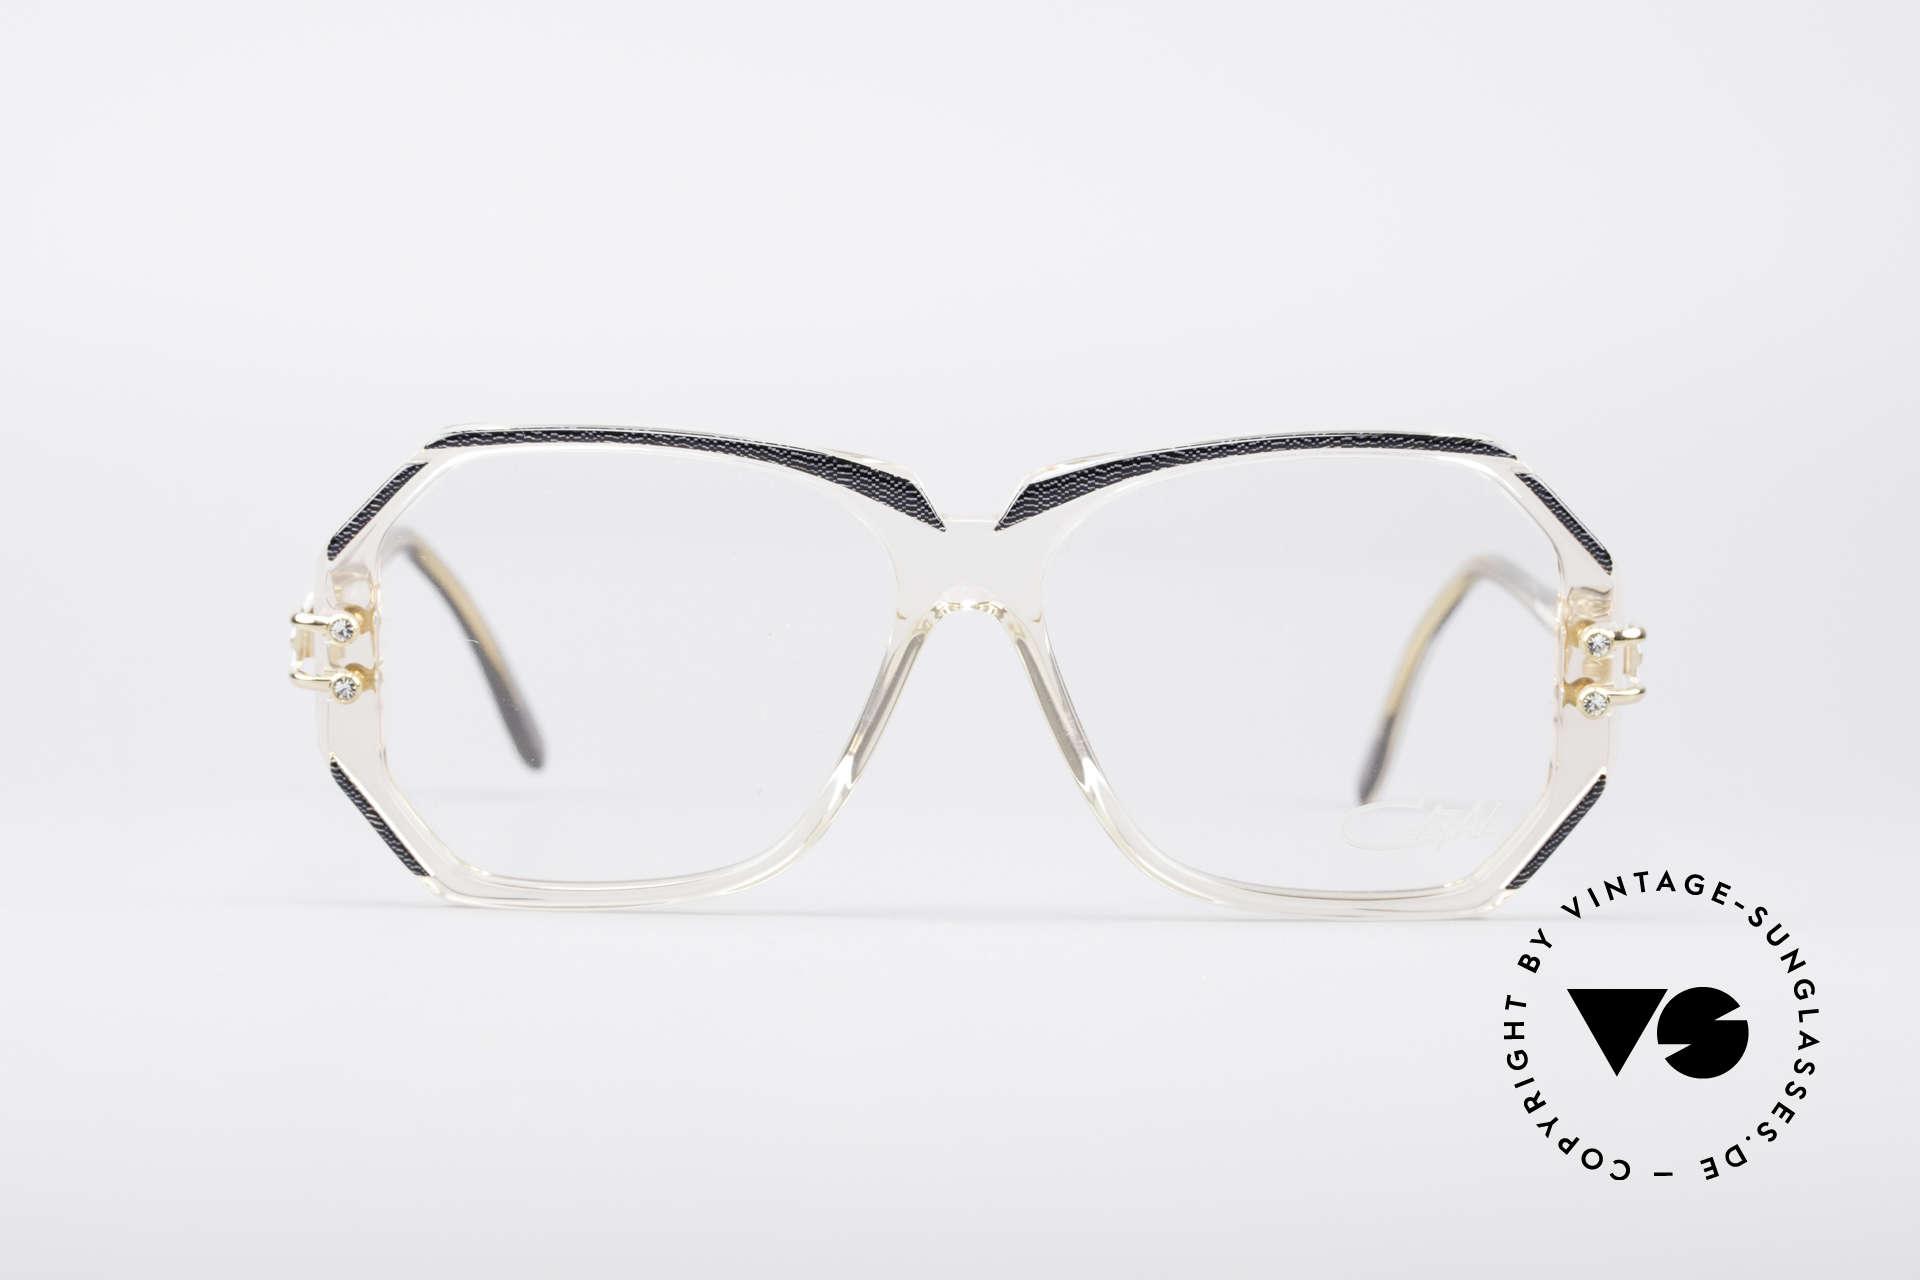 Cazal 169 Vintage Designer Brille, 1989/90 (Frame Germany) gefertigt, MEDIUM Gr. 56-14, Passend für Damen